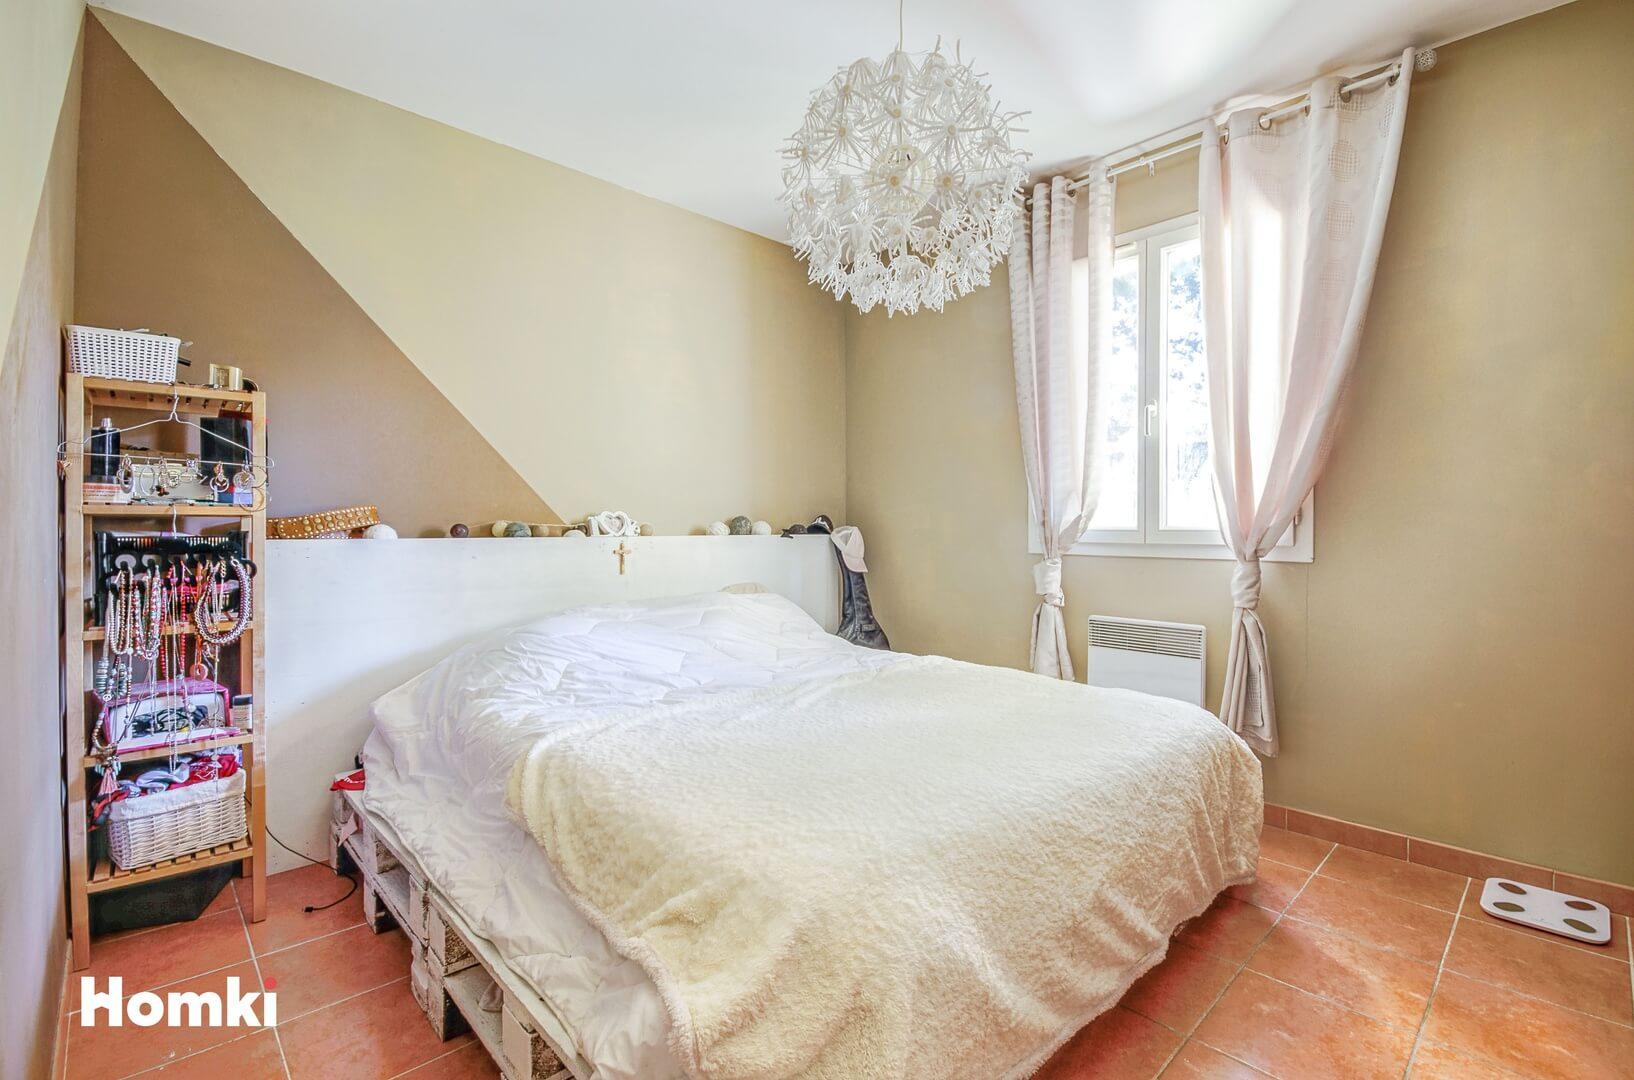 Homki - Vente Maison/villa  de 94.0 m² à vitrolles 13127